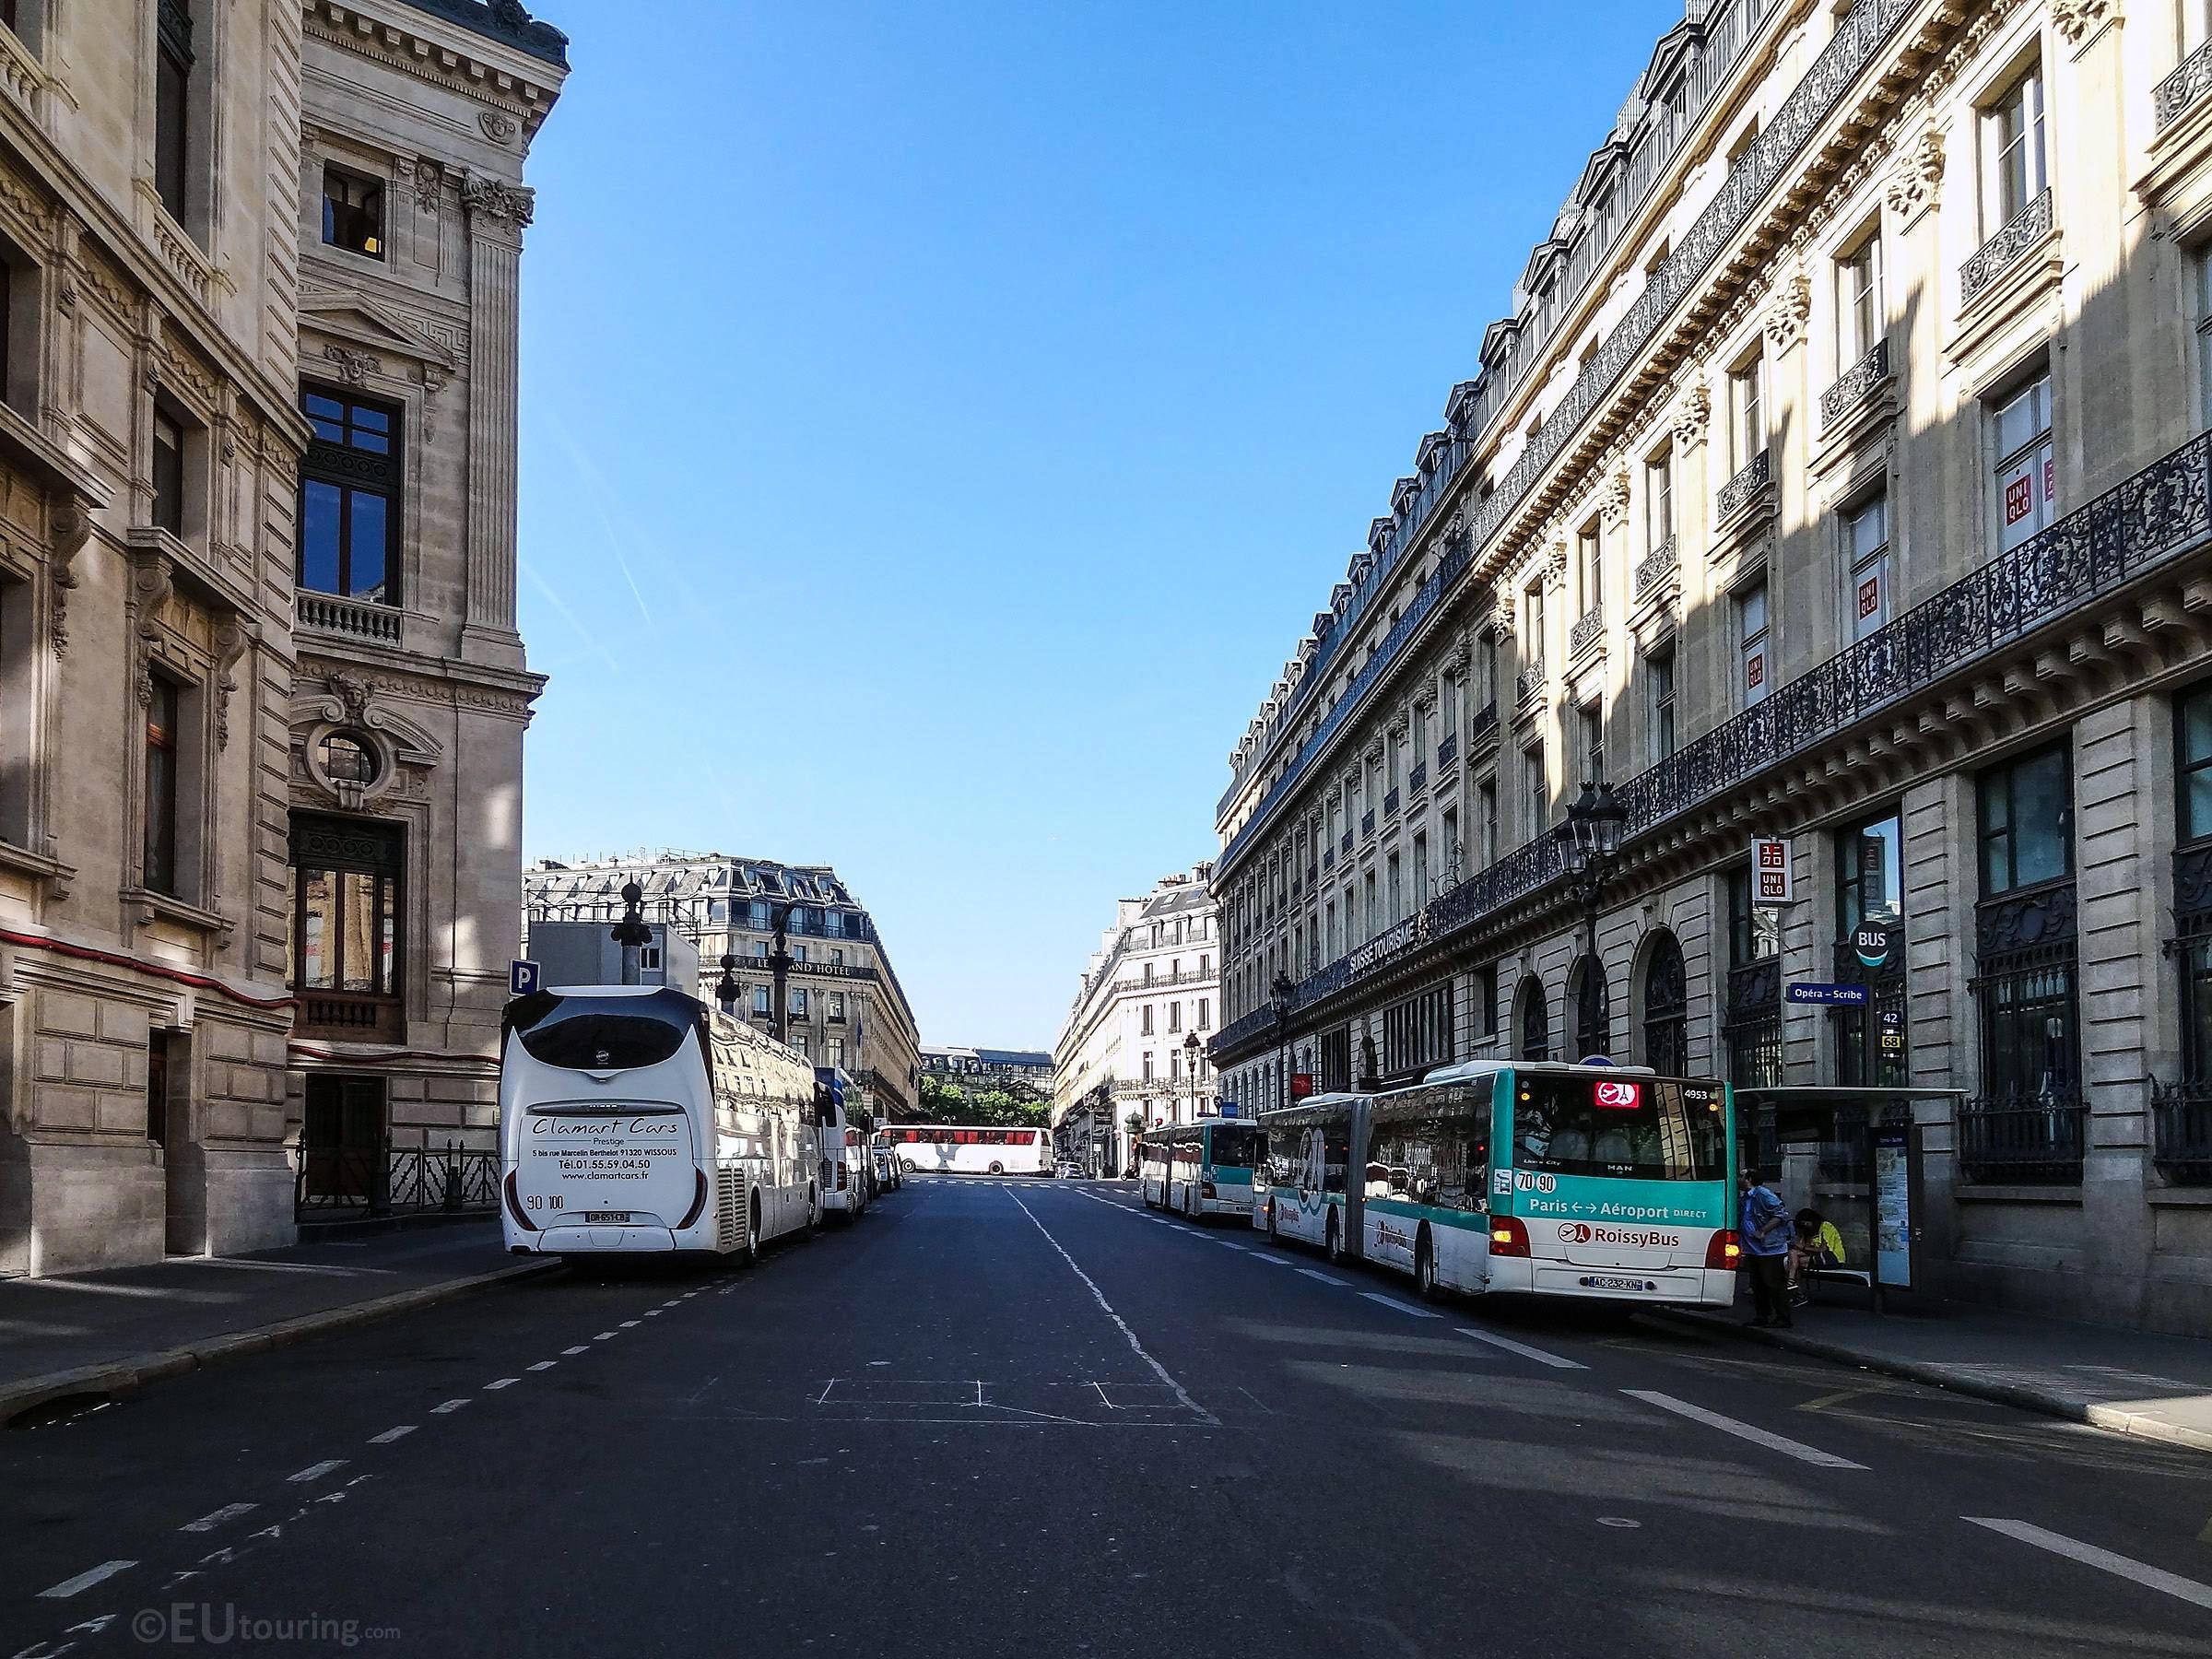 319 Bus Route